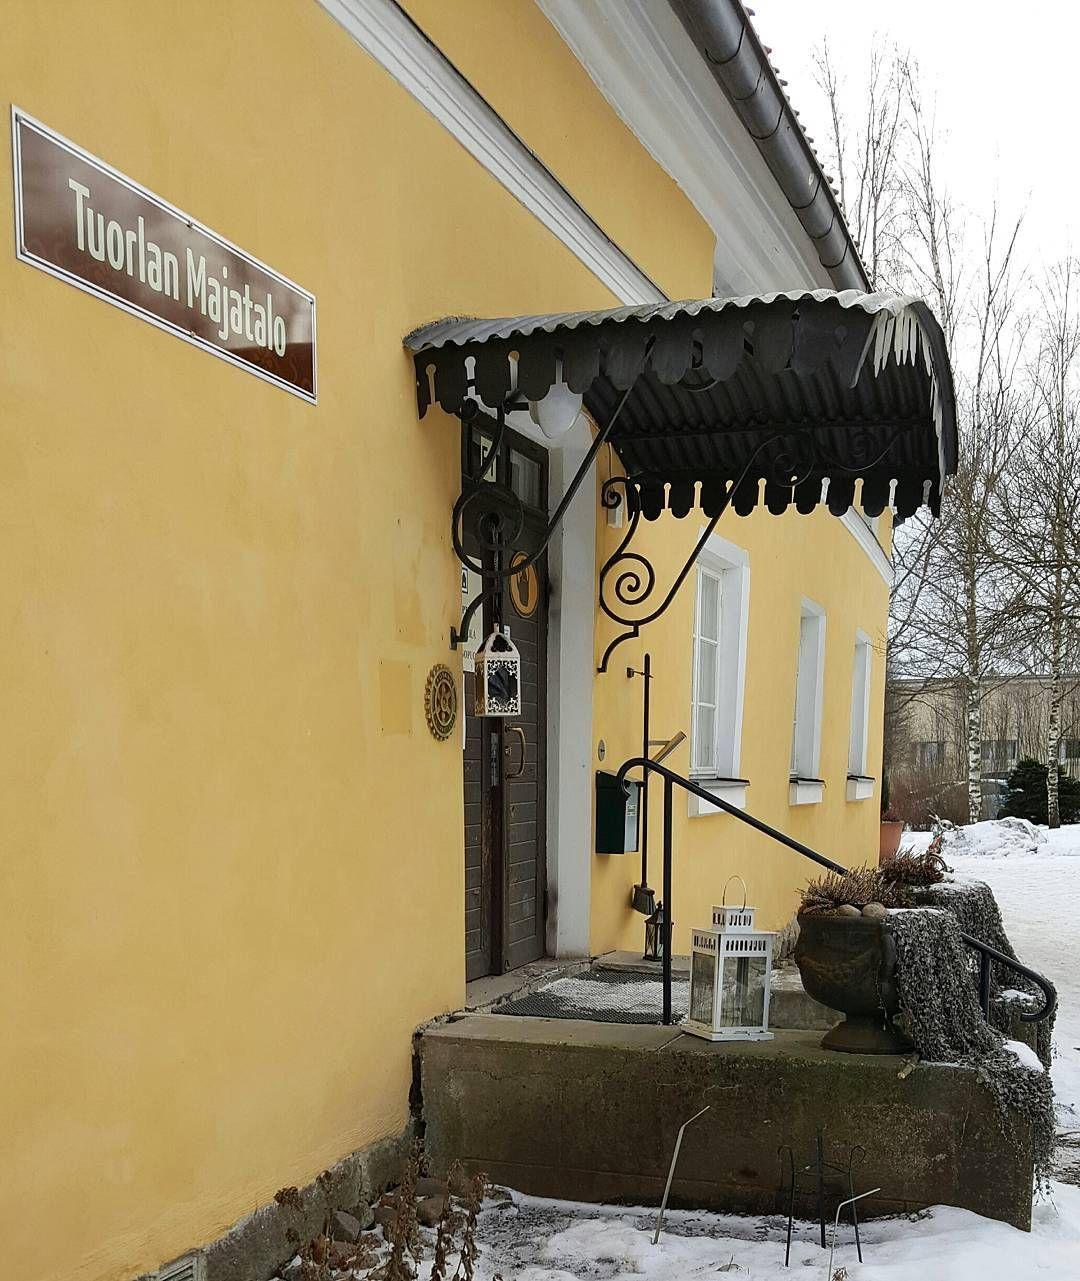 Tämä päivä näissä maisemissa kokoustamassa  #tuorlanmajatalo #tuorla #kaarina #visitkaarina #kokouspaikka #majatalo #gasthaus #suomi #finland #thisisfinland #igfinland #ig_finland #lifestyleblogger #nelkytplusblogit #åblogit